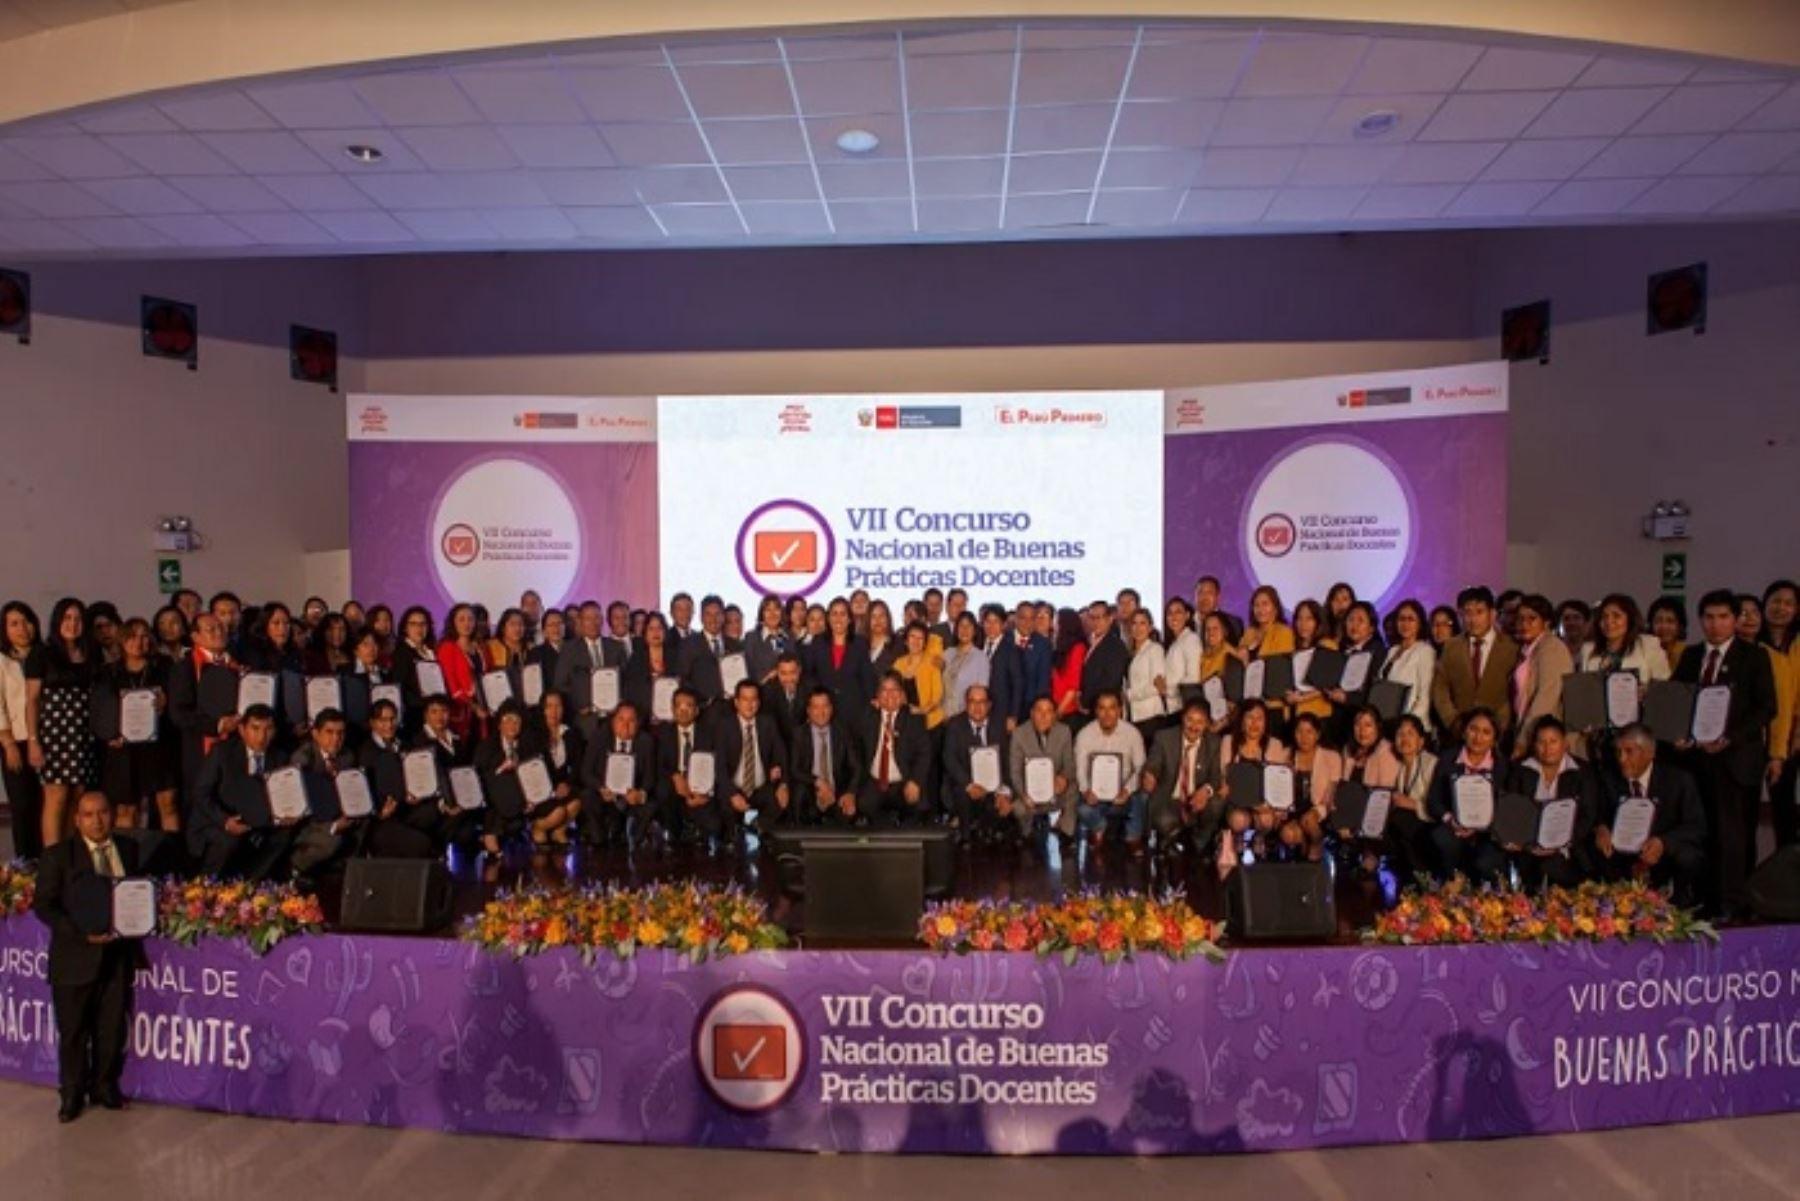 Los maestros reconocidos laboran en instituciones educativas de Amazonas, Áncash, Apurímac, Arequipa, Ayacucho, Callao, Cusco, Huancavelica, Junín, La Libertad, Lambayeque, Lima, Piura y Tacna